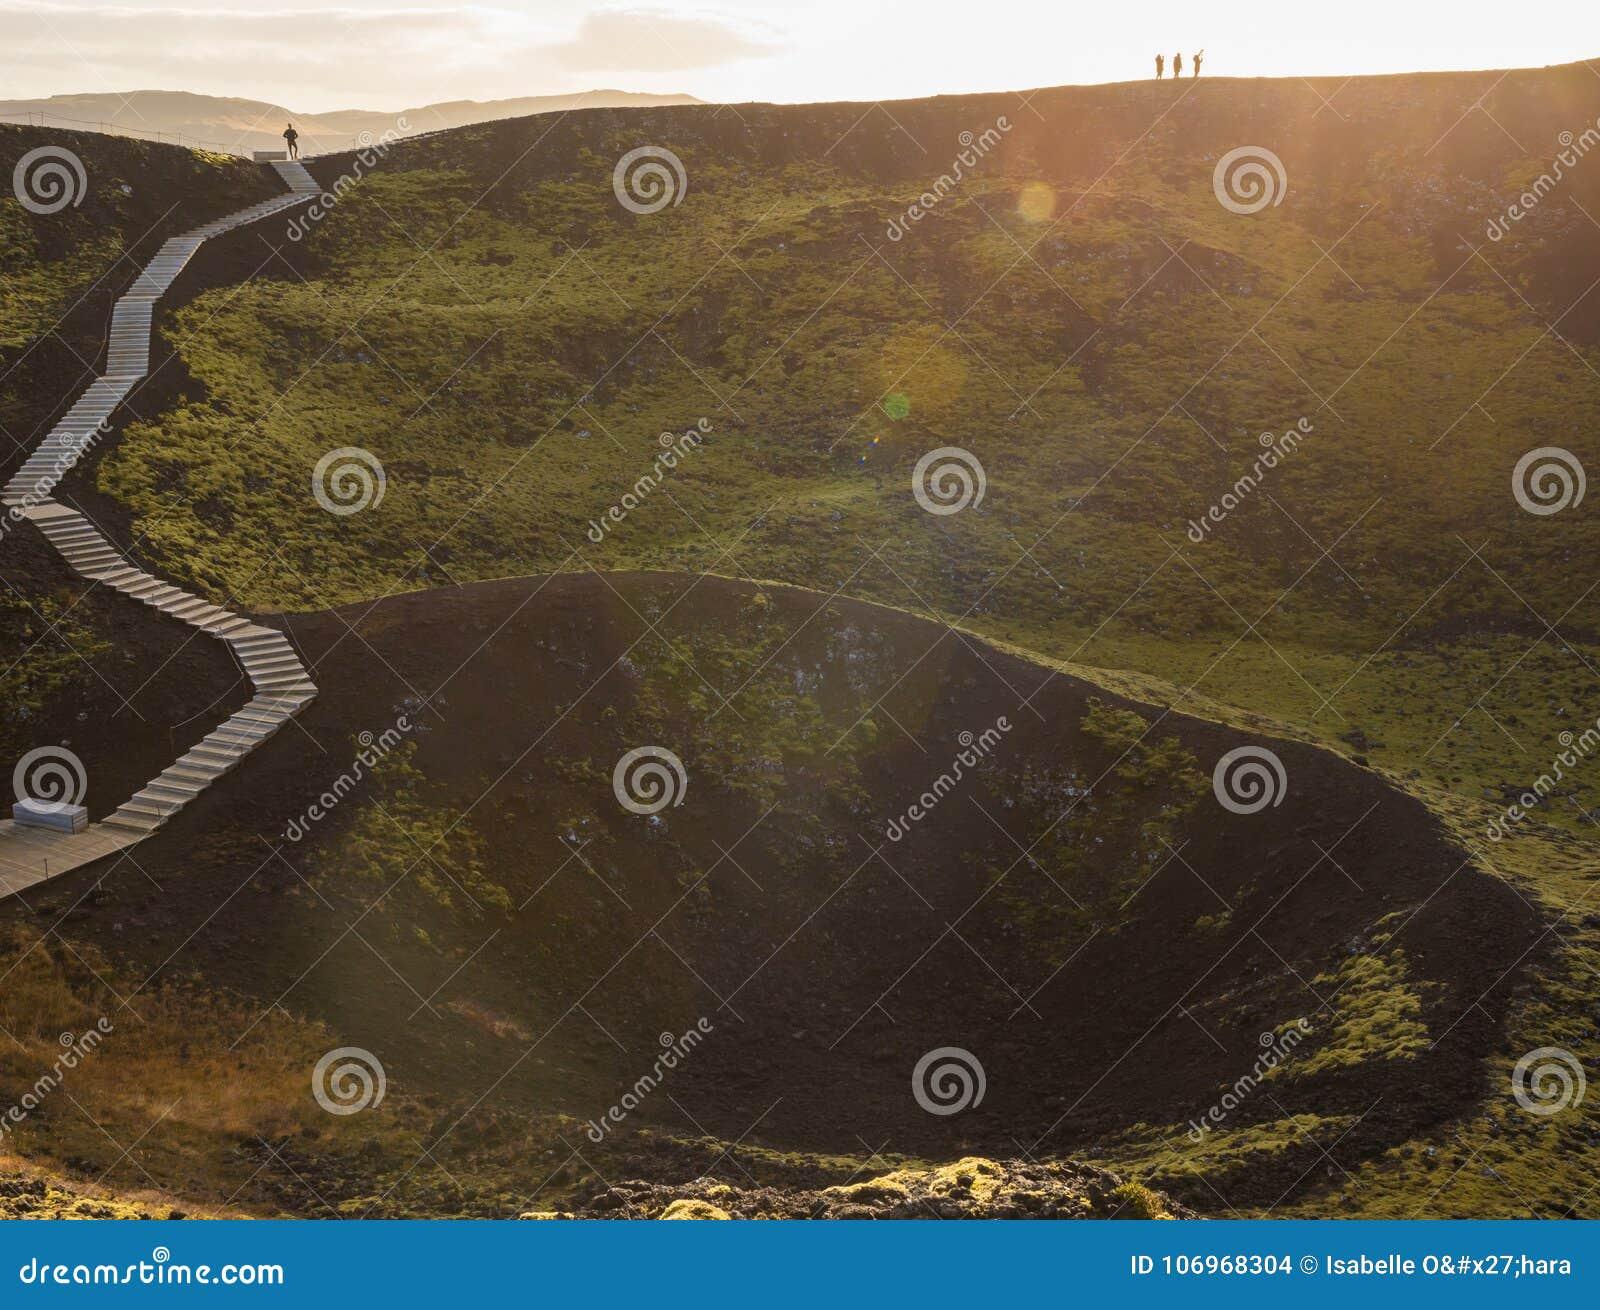 Paysage de cratère volcanique moussu vert luxuriant, ou caldeira, et escaliers en bois avec les touristes rétro-éclairés